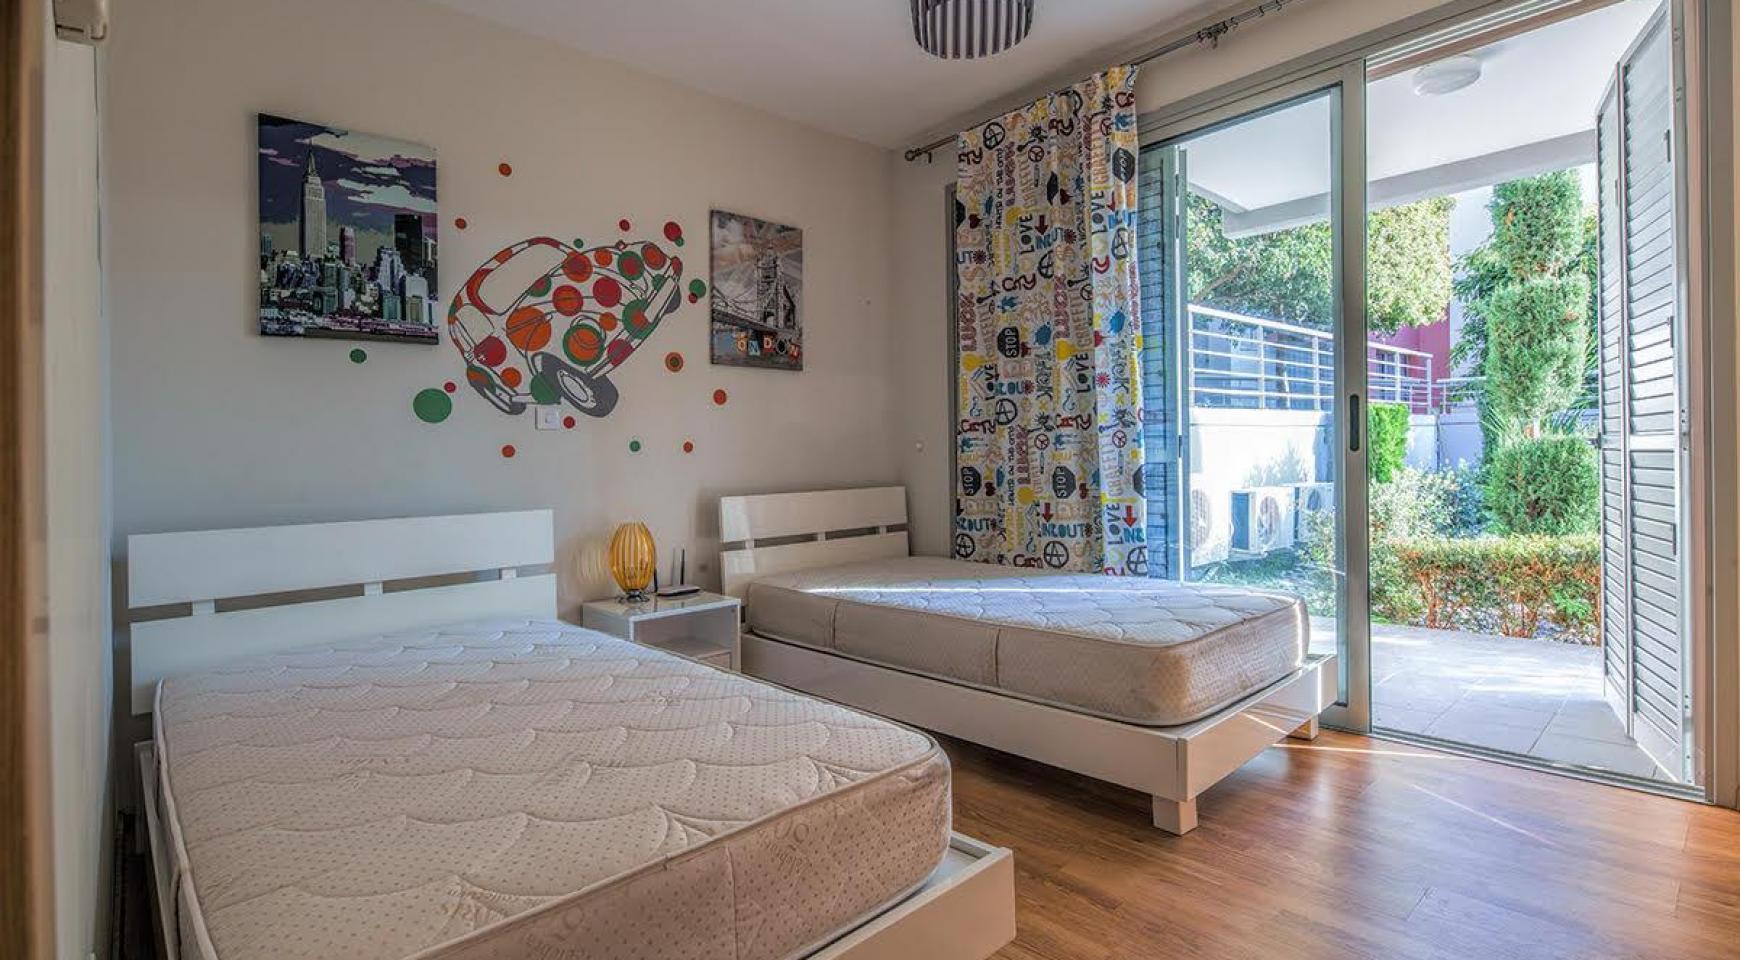 2 Bedroom Duplex Apartment in a Prestigious Complex near the Sea - 13